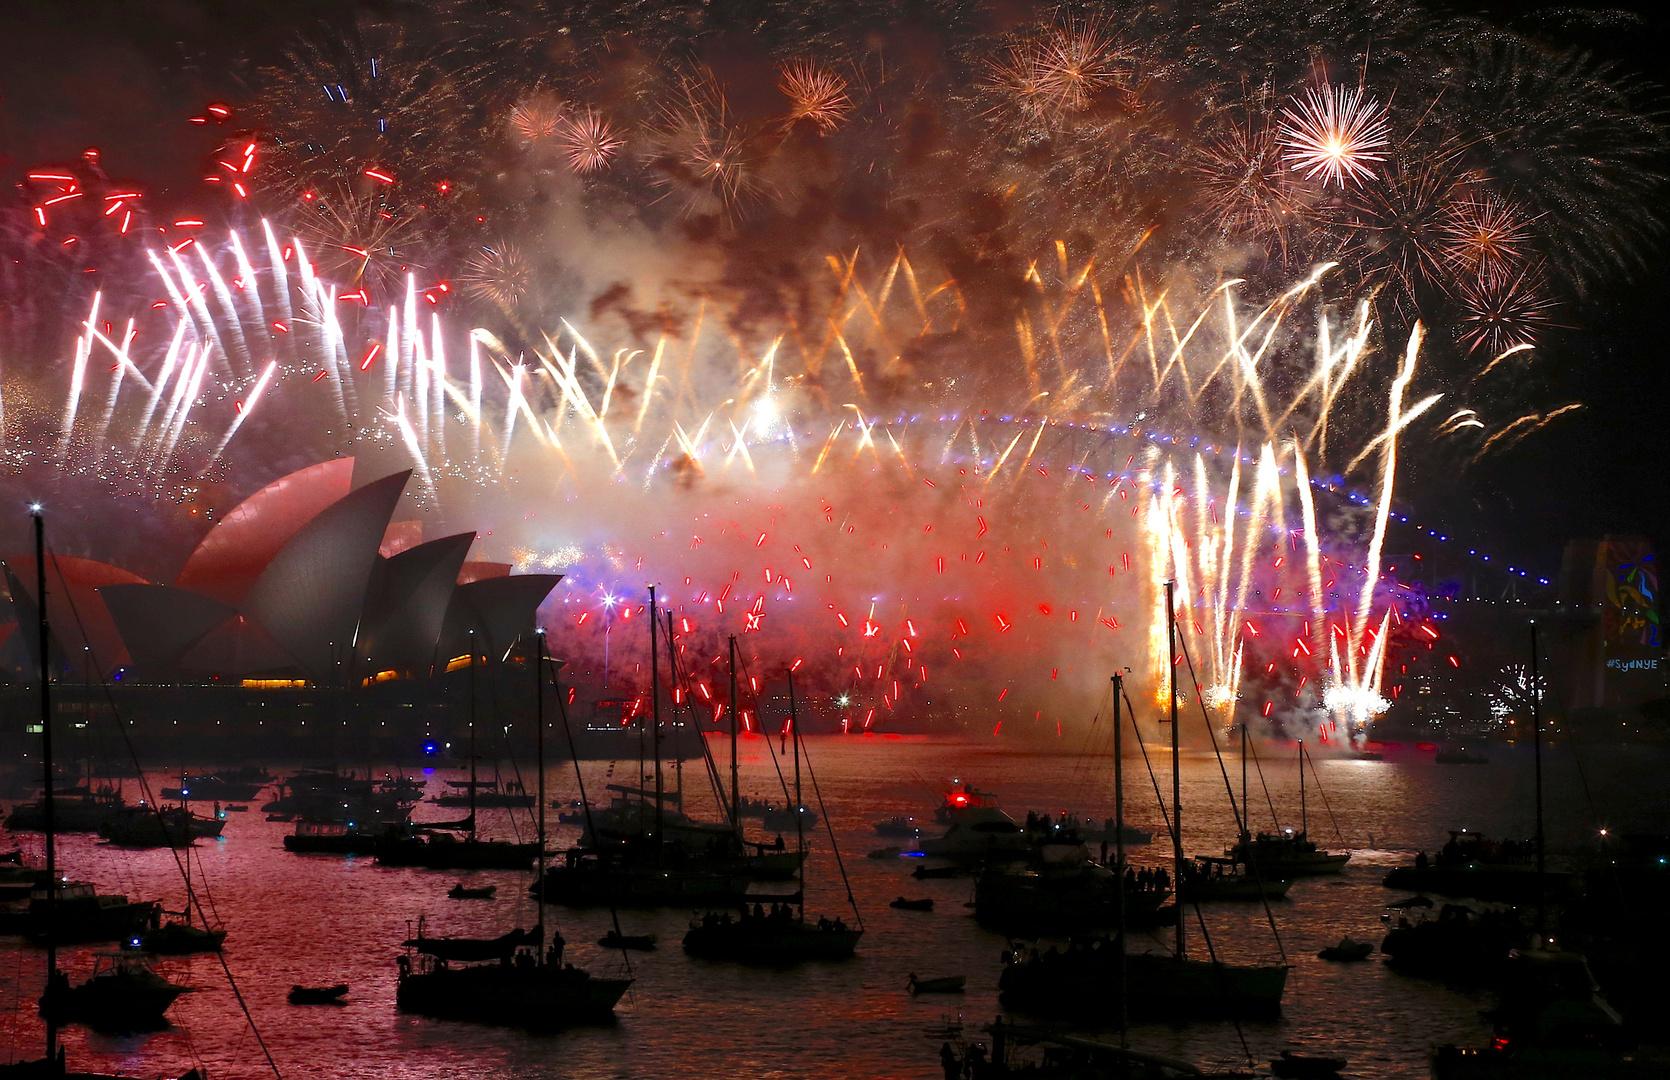 احتفالات العام الجديد في سيدني 2020